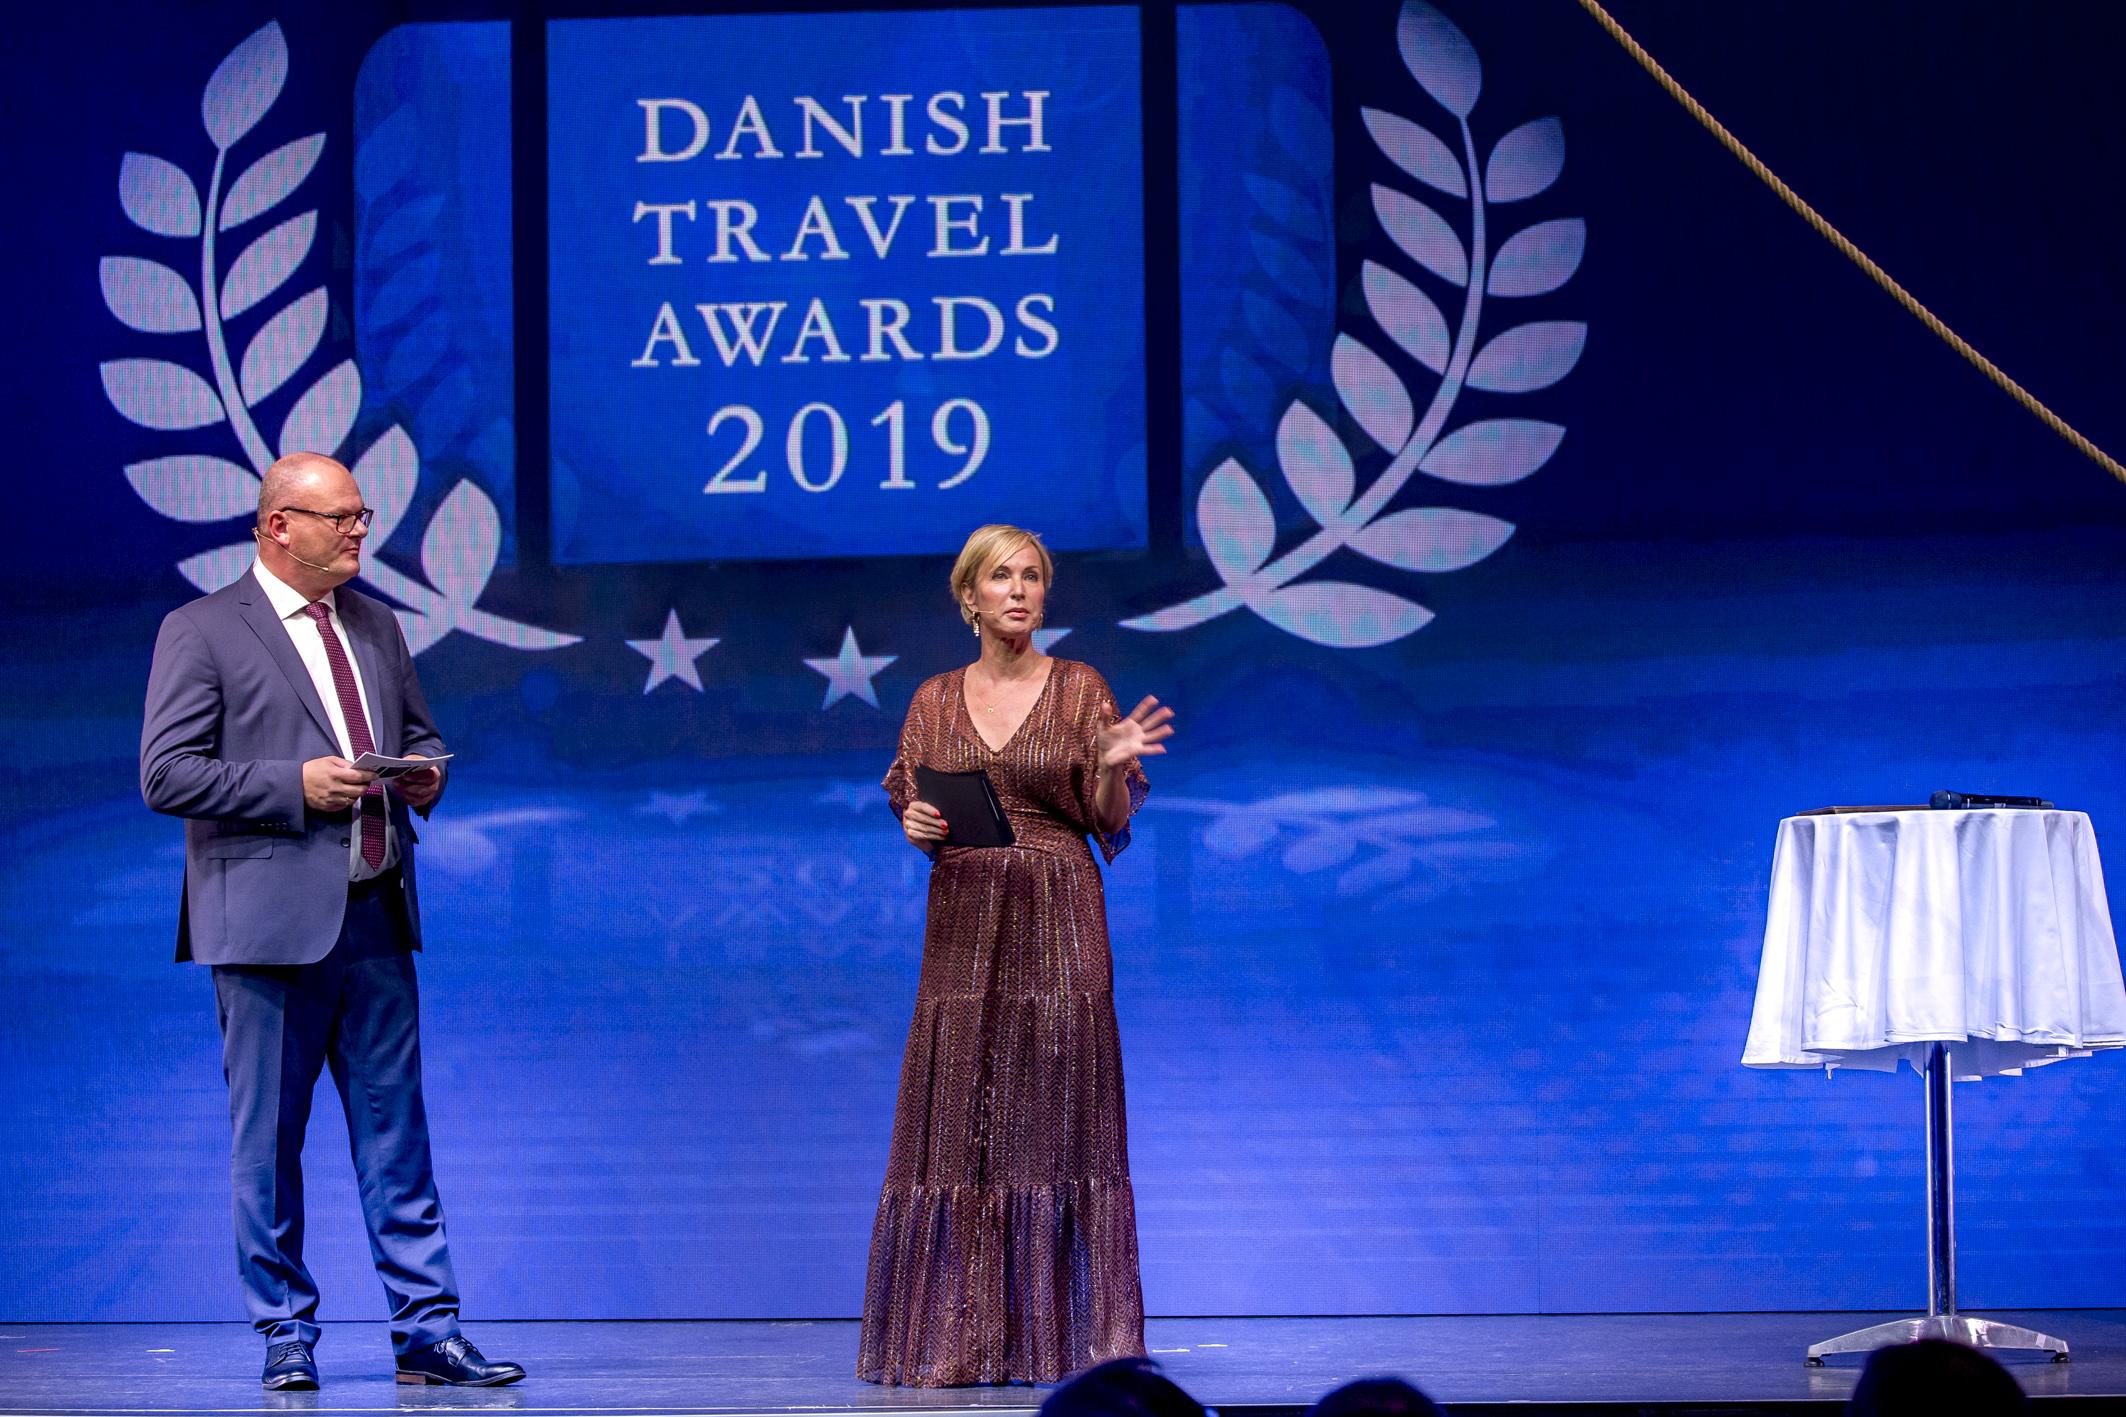 Ole Kirchert Christensen fra Travelmedia Nordic og konferencier Natasja Crone på scenen i Cirkusbygningen. (Foto: Michael Stub)